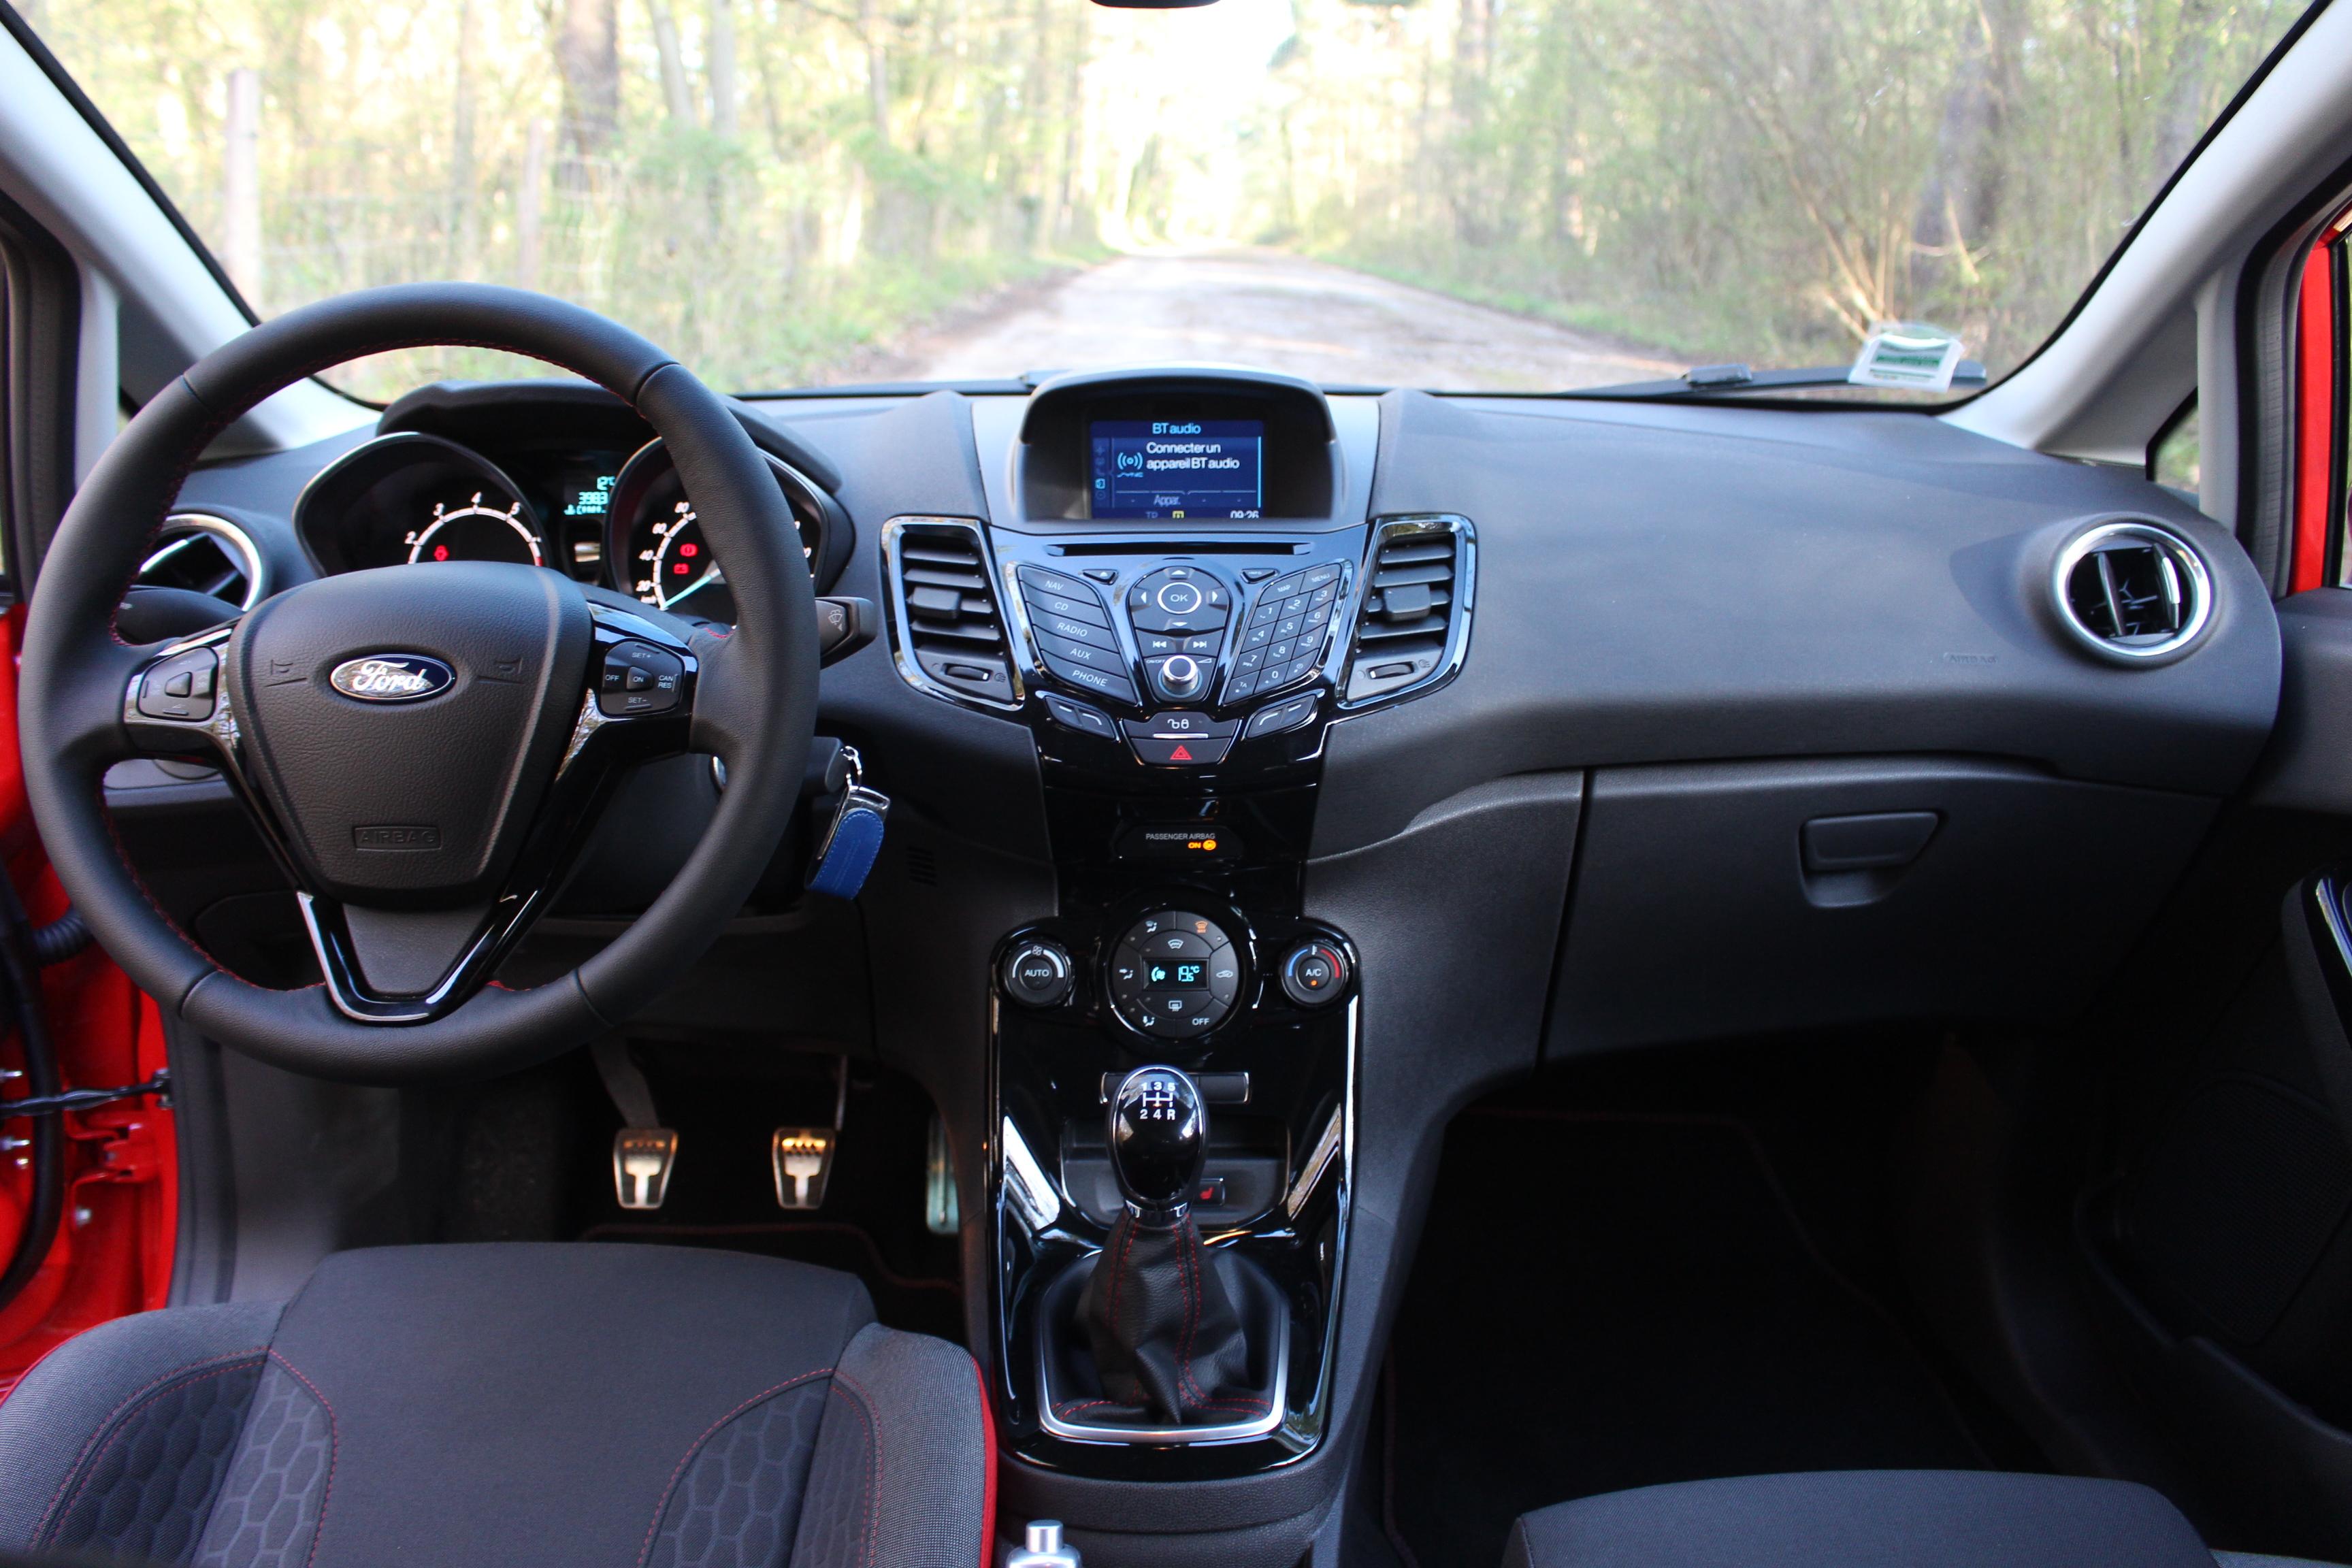 Essai Ford Fiesta Red Edition Un Bon Coup De Rouge